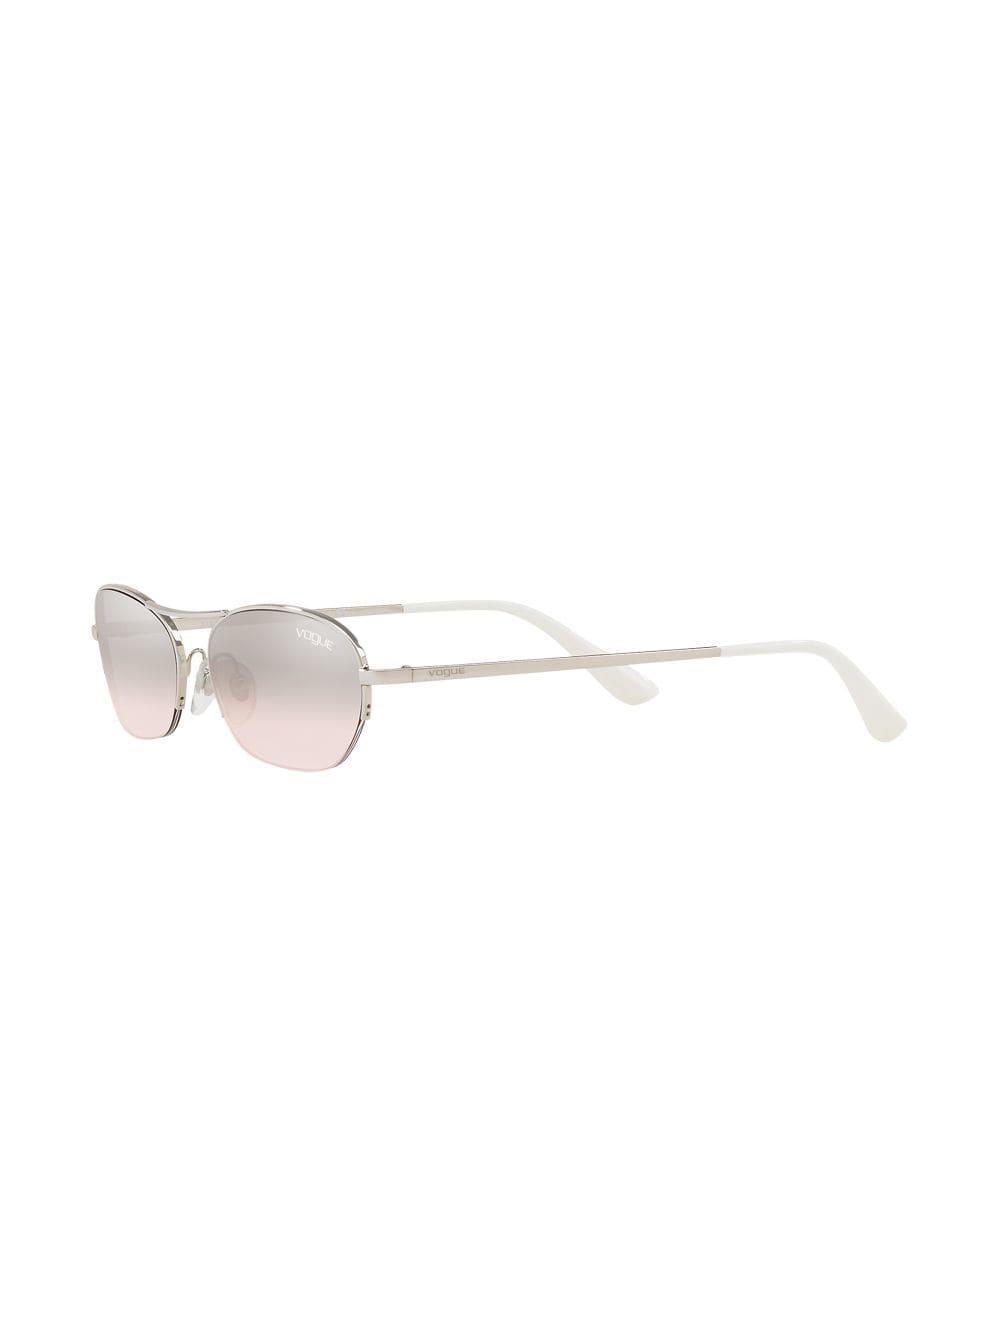 In Lyst Vogue Eyewear Metallic Sunglasses Round Mirrored wgBqRI